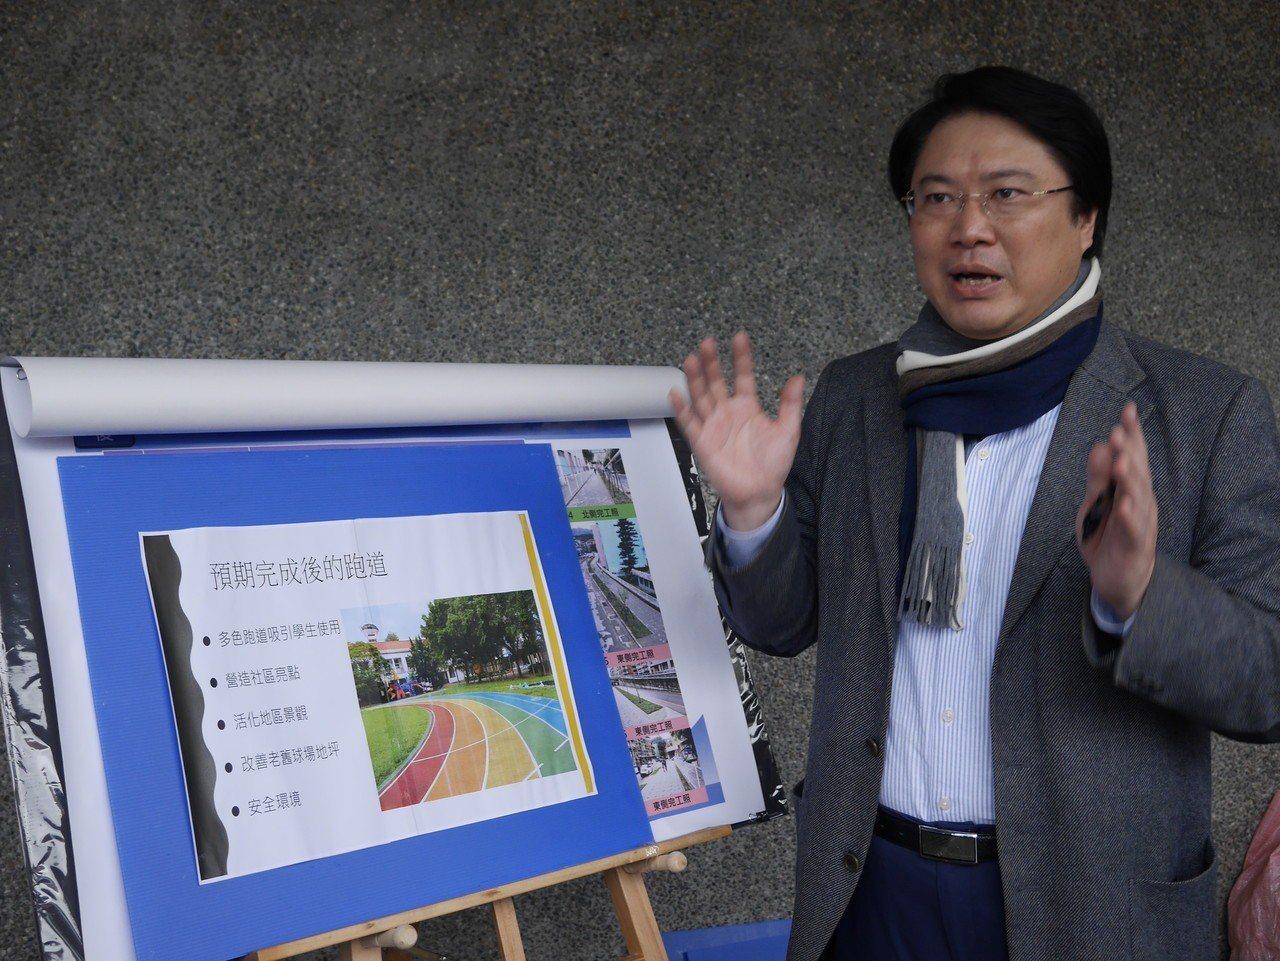 林右昌說,他上任以來積極推動「以校園為核心」的環境改善計畫,一併解決校園空間及周...